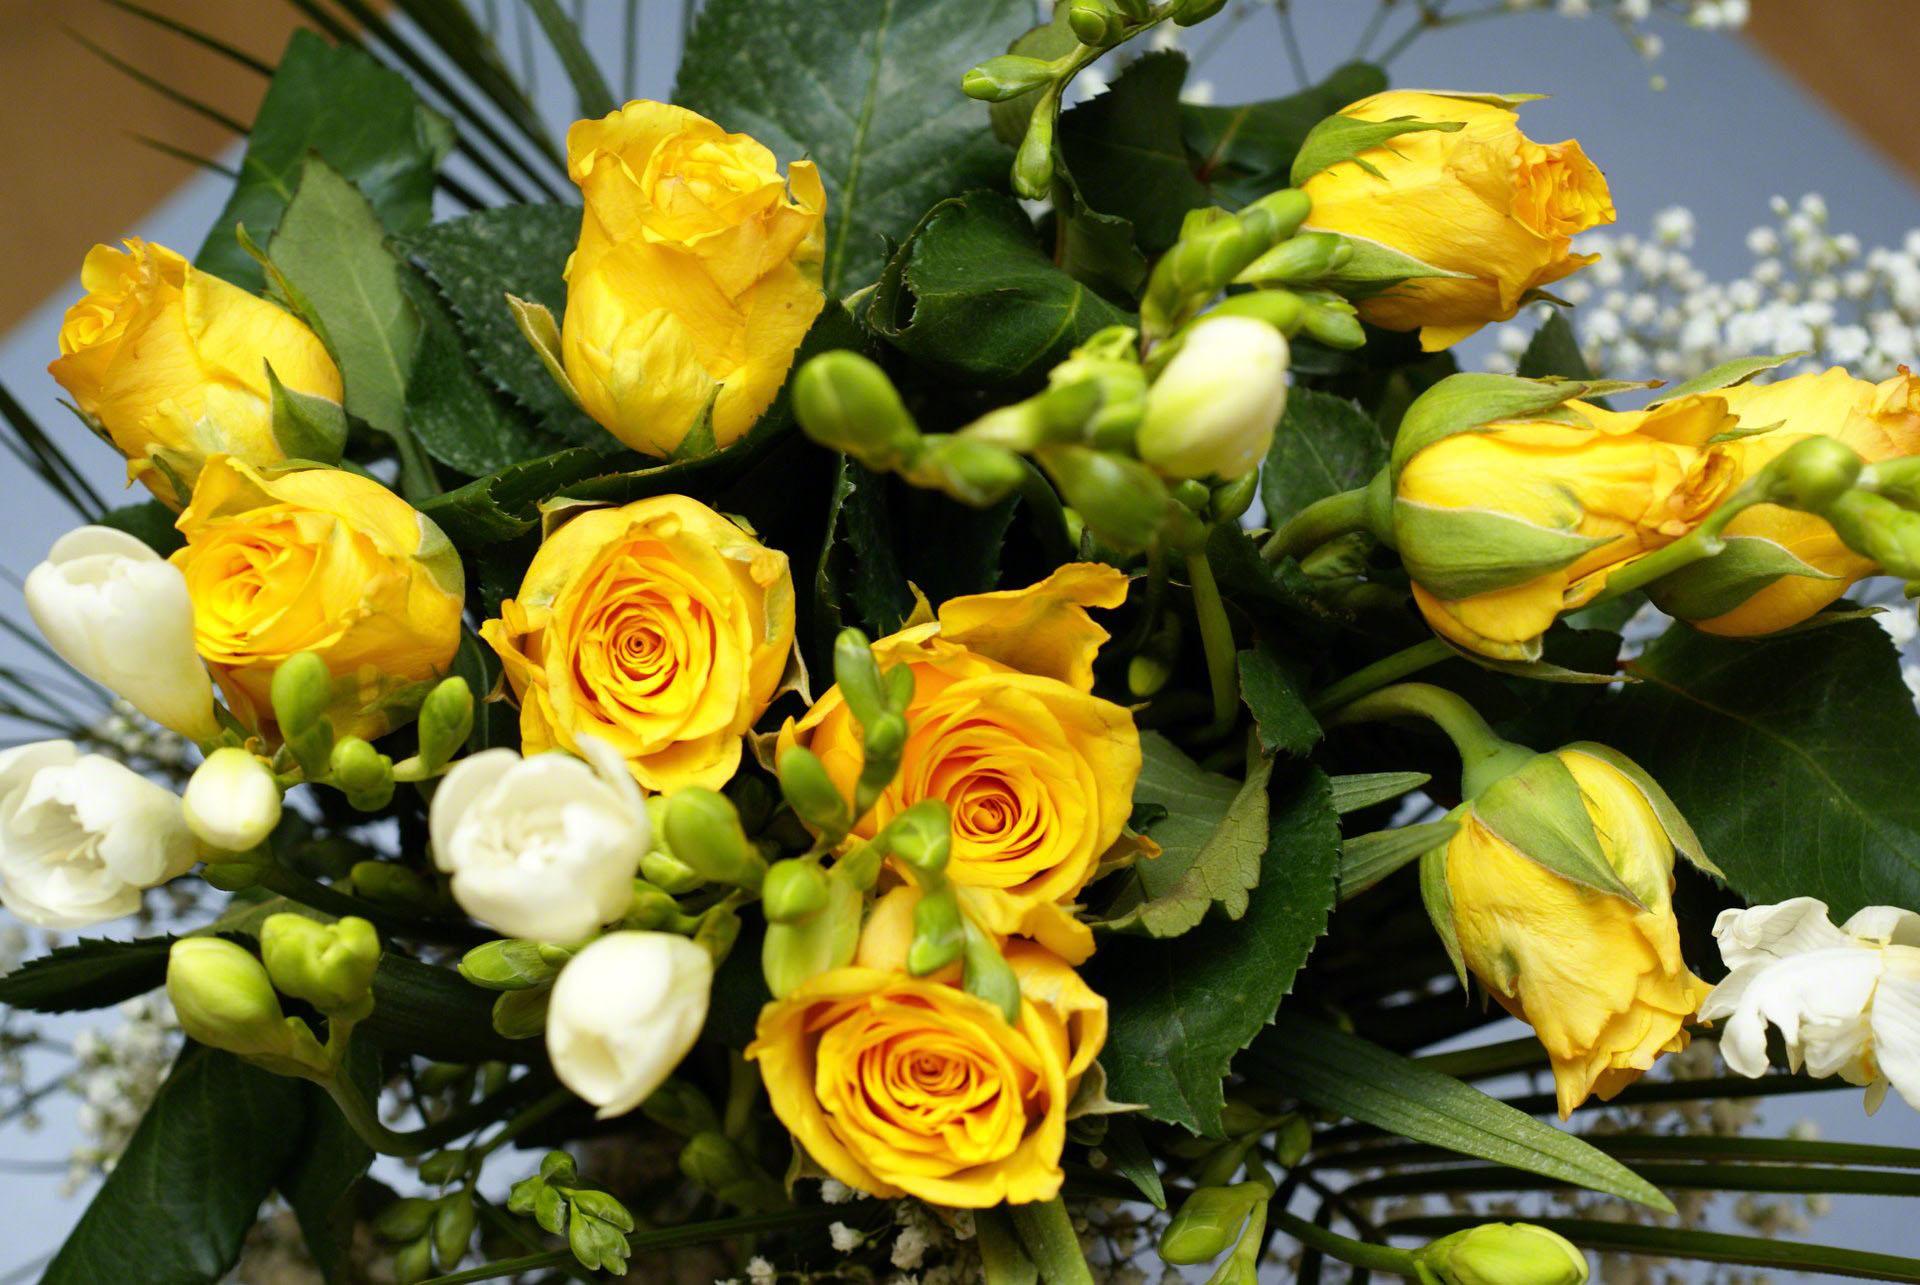 Per a Pantera. - Página 2 Yellow-roses-bouquet-00842